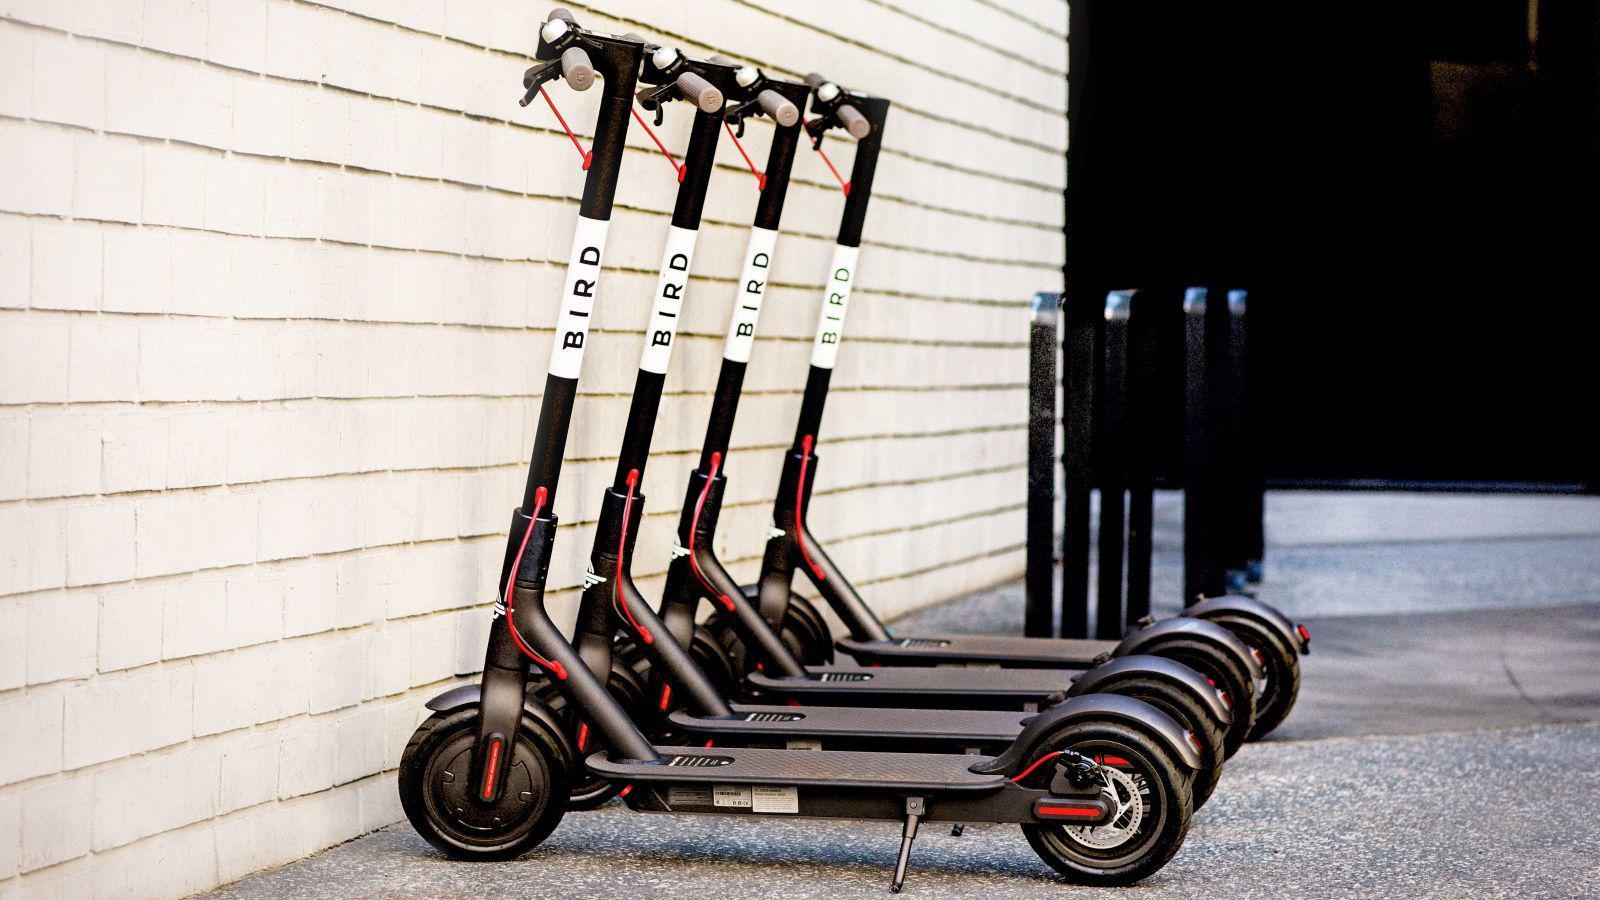 美国共享滑板车大战正热,供货商小米成了赢家